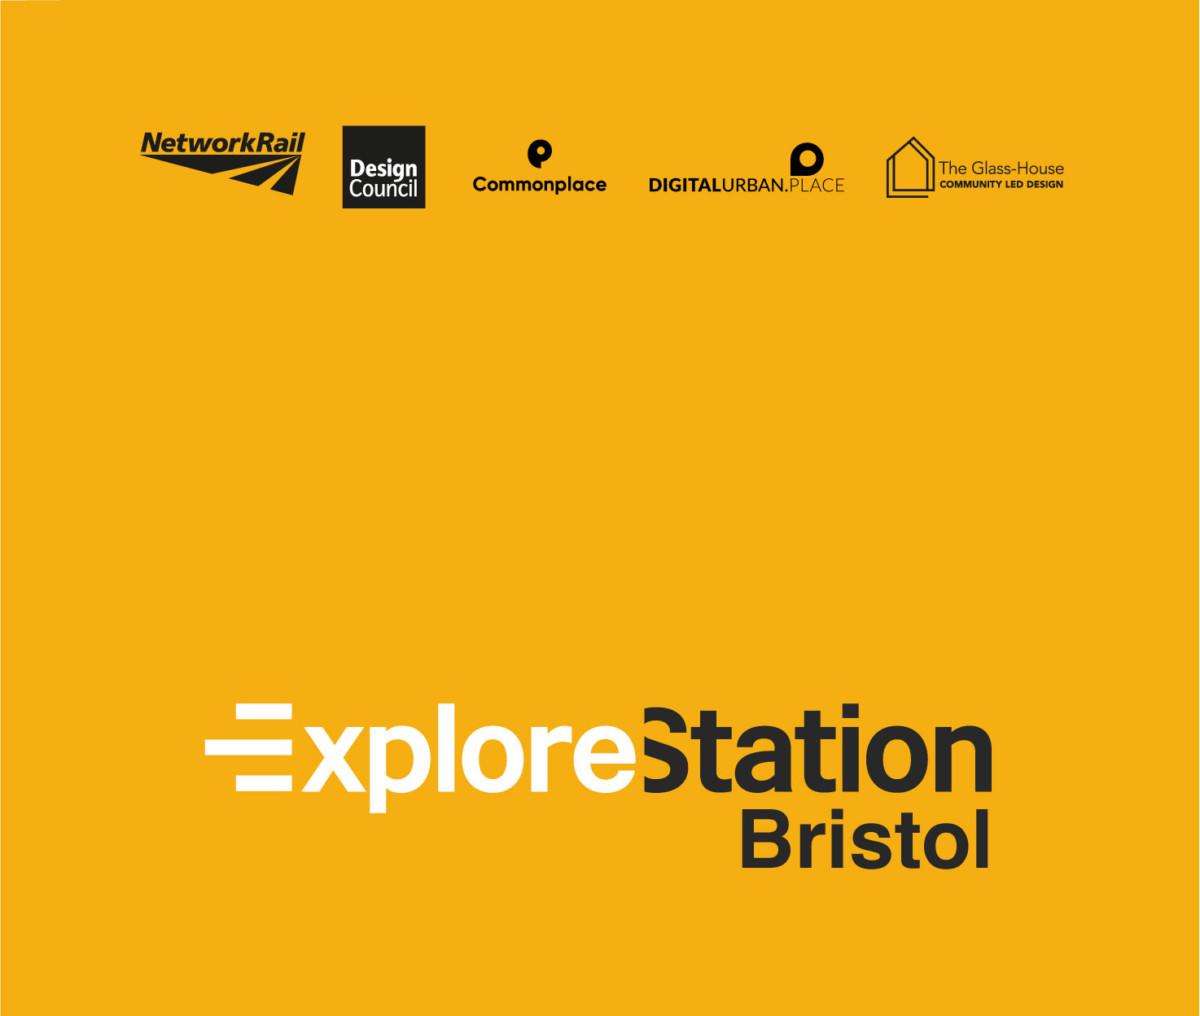 ExploreStation: Bristol Exhibition and Workshop